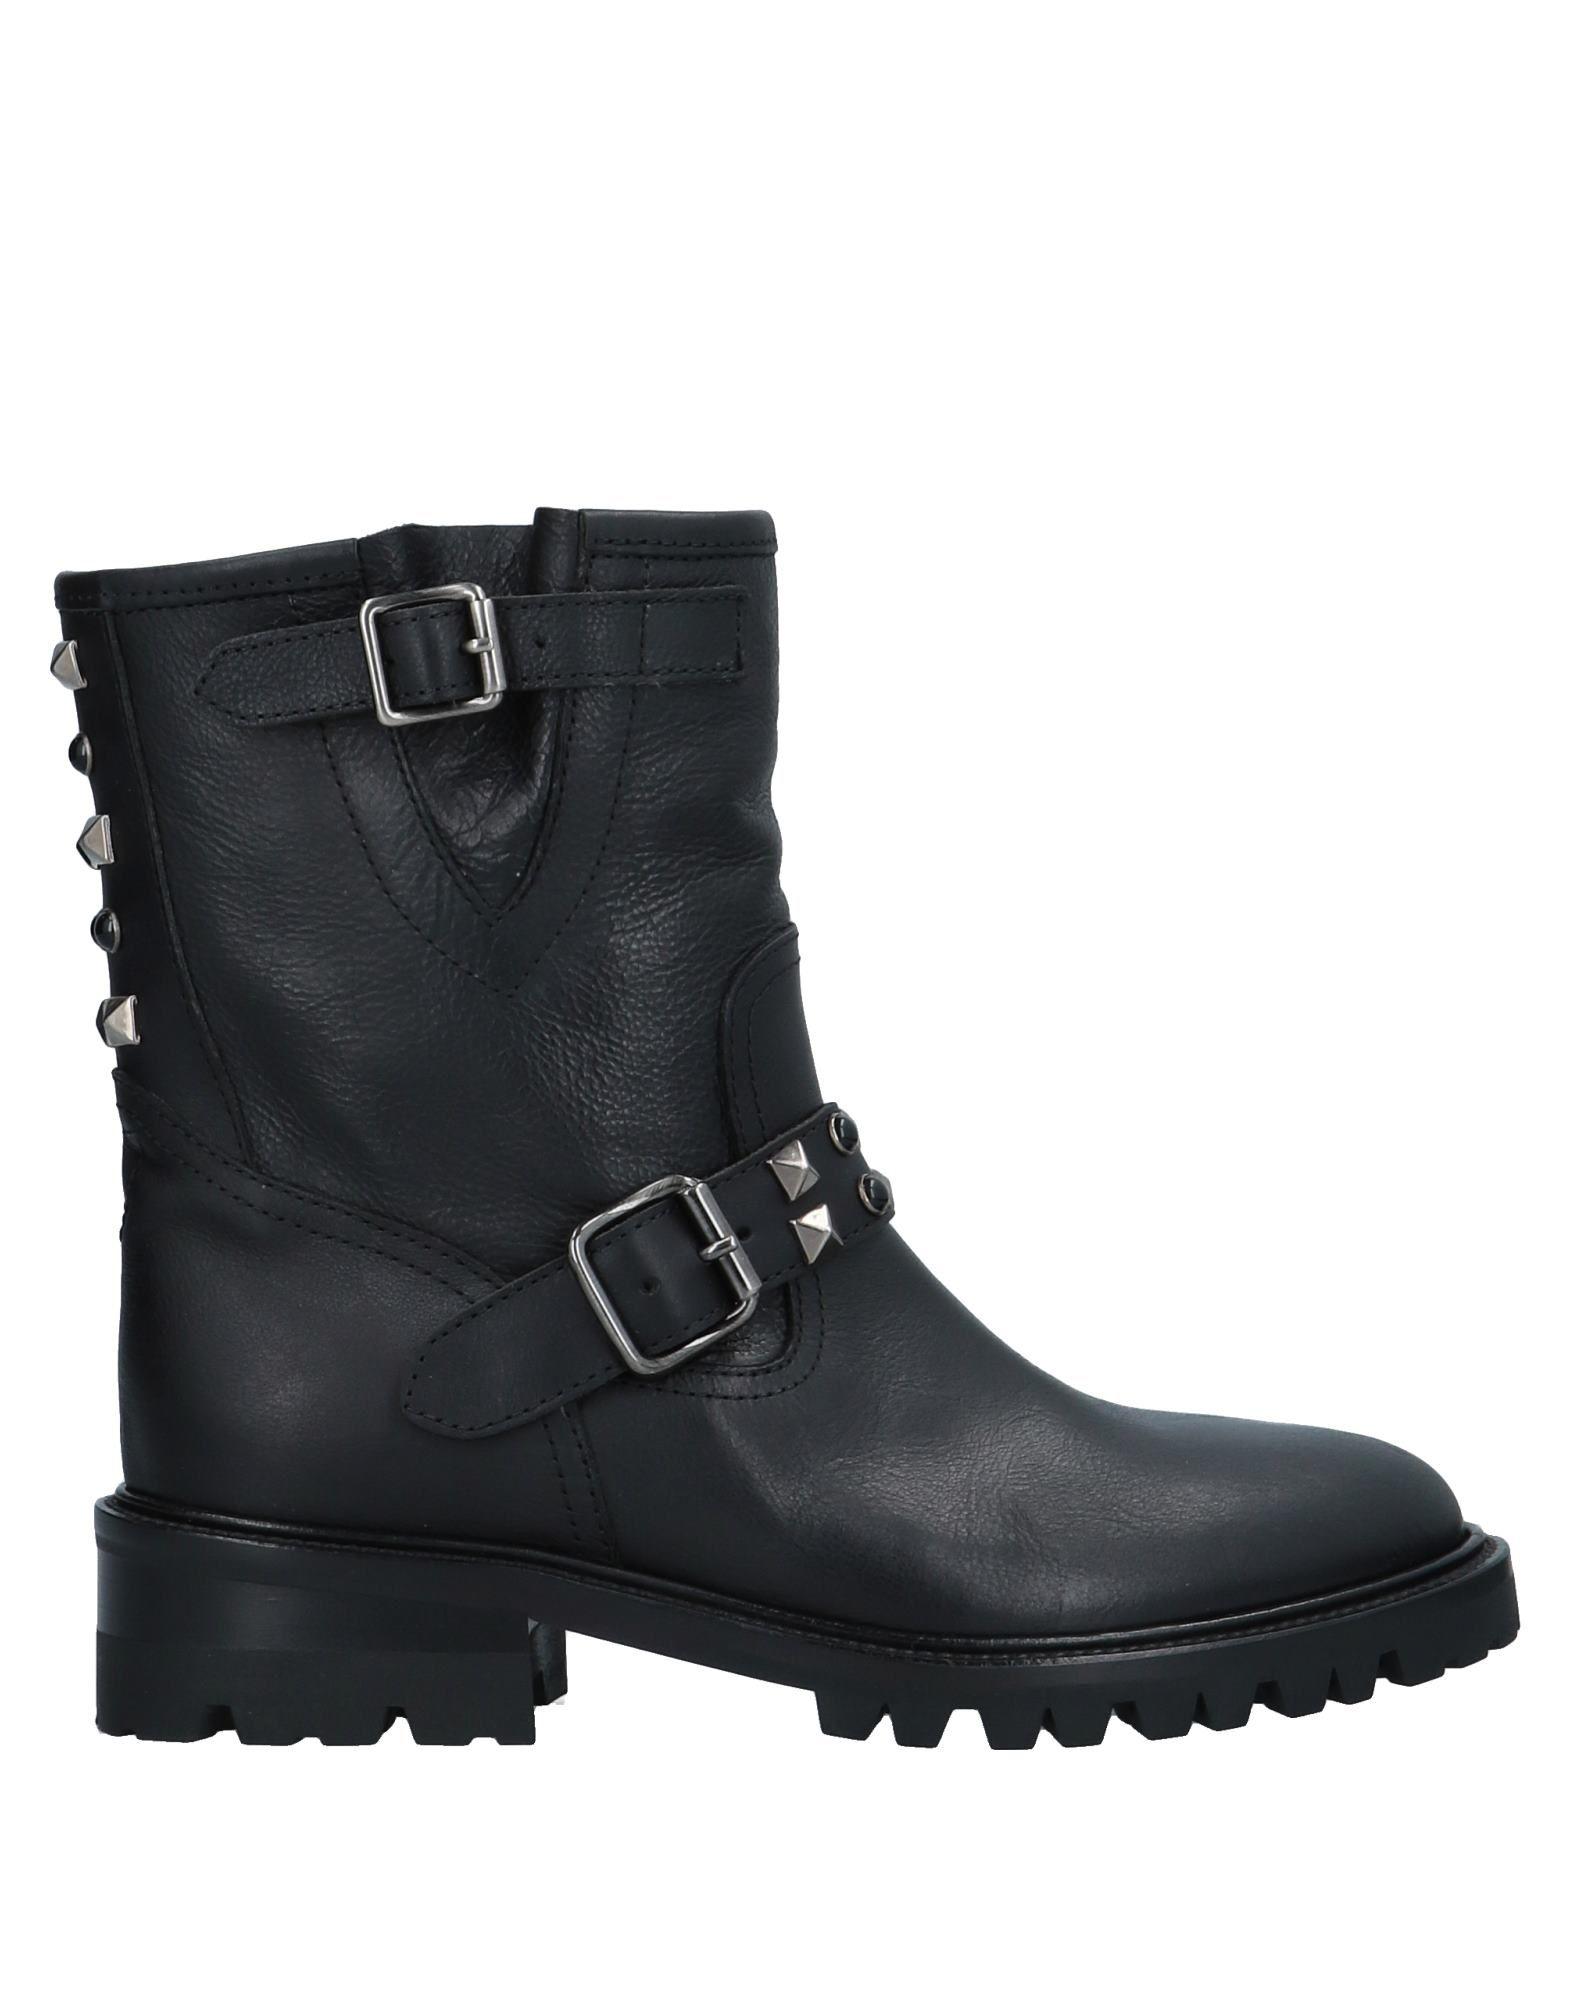 Κορυφαία προϊόντα για Παπούτσια - Φθηνότερα Προϊόντα - Σελίδα 7438 ... 217e01b284c